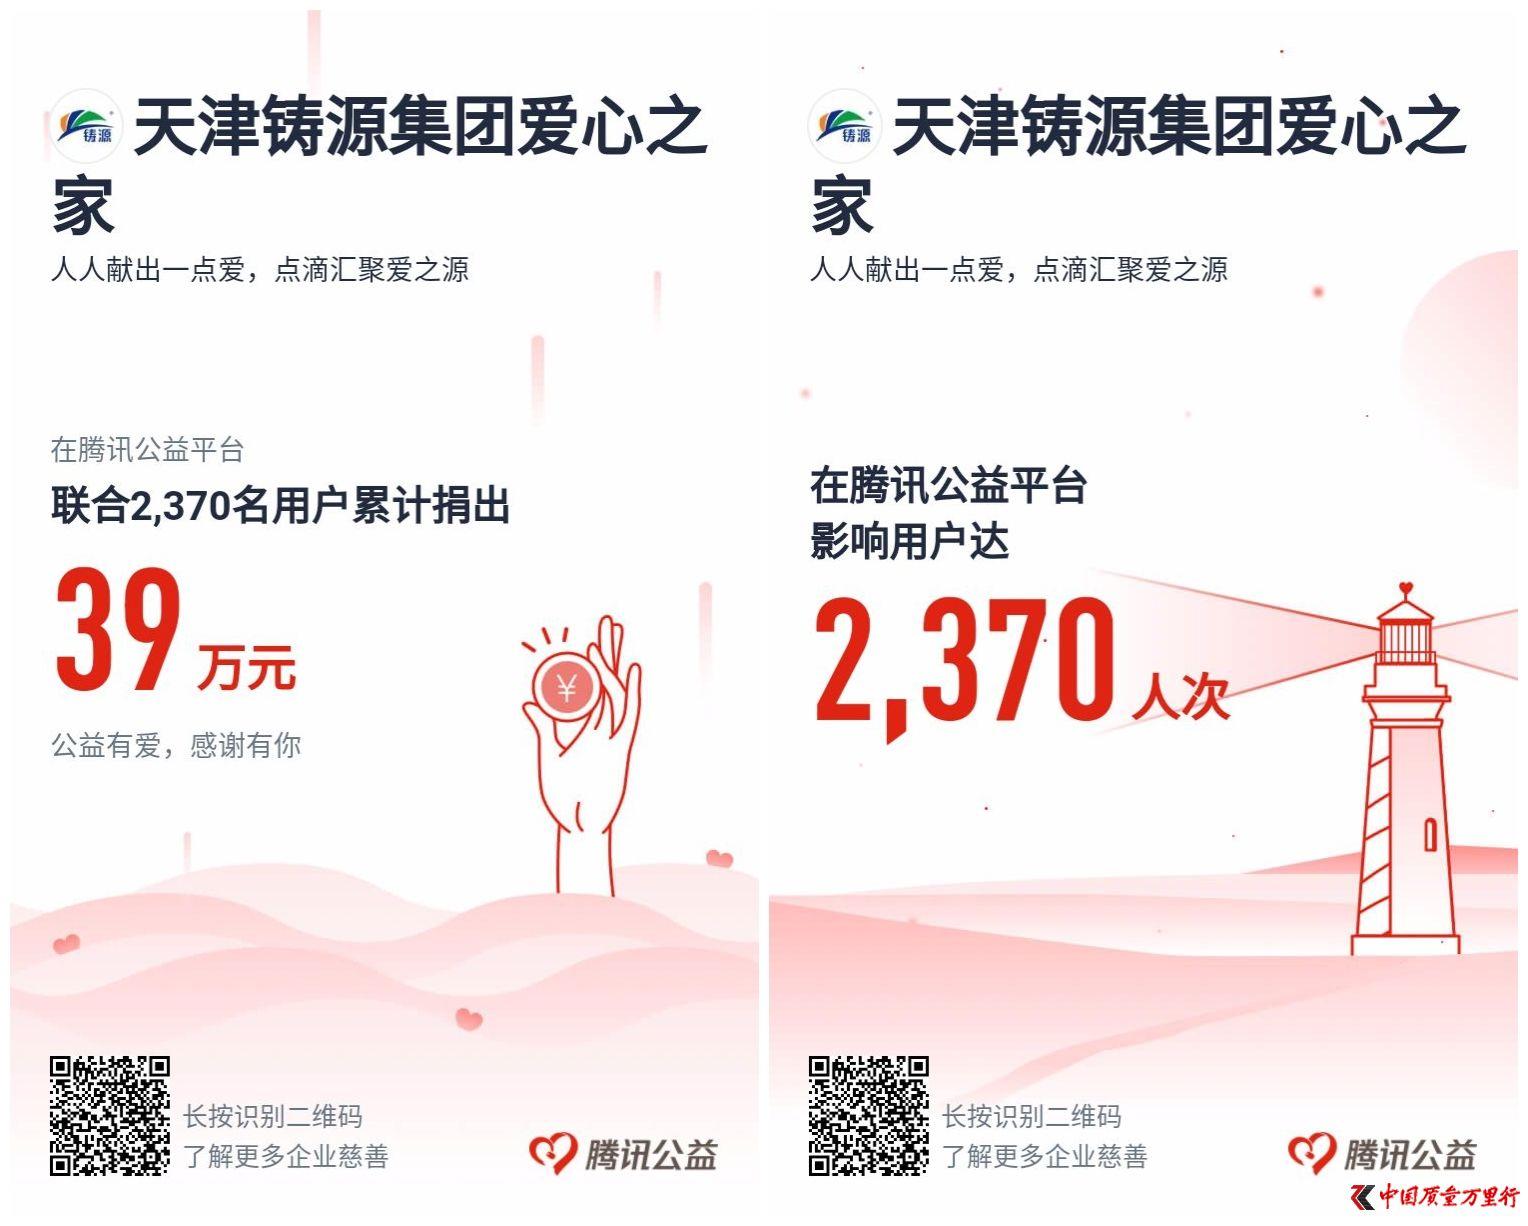 """铸源集团""""99公益日"""":积小善 成大爱"""